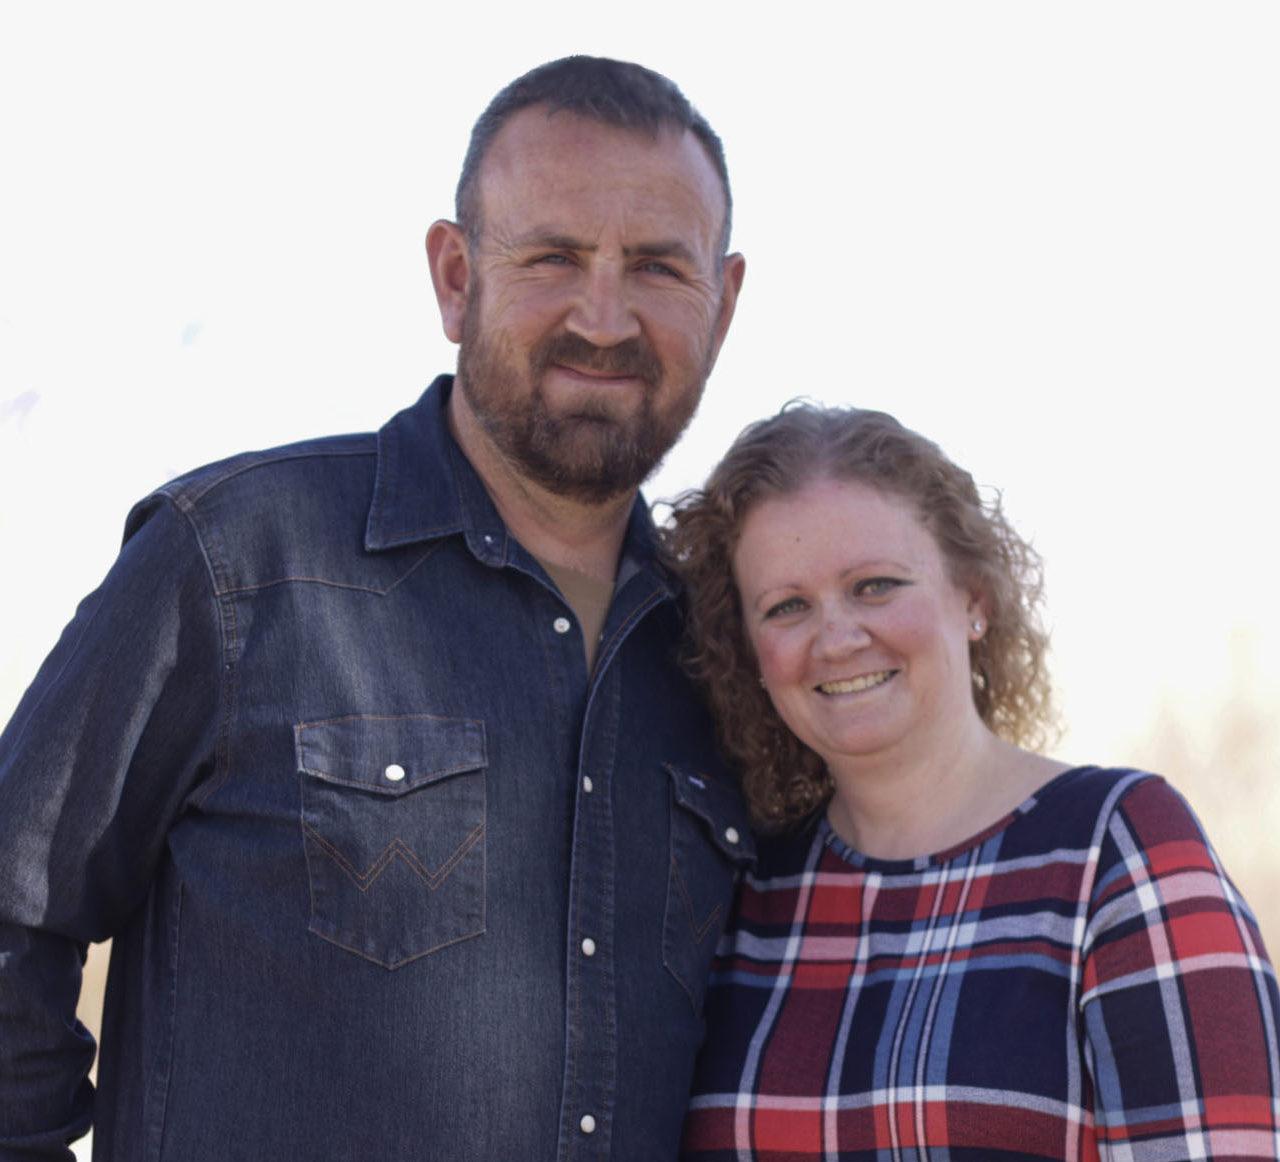 Lifetime Adoptive Parents John and Amy